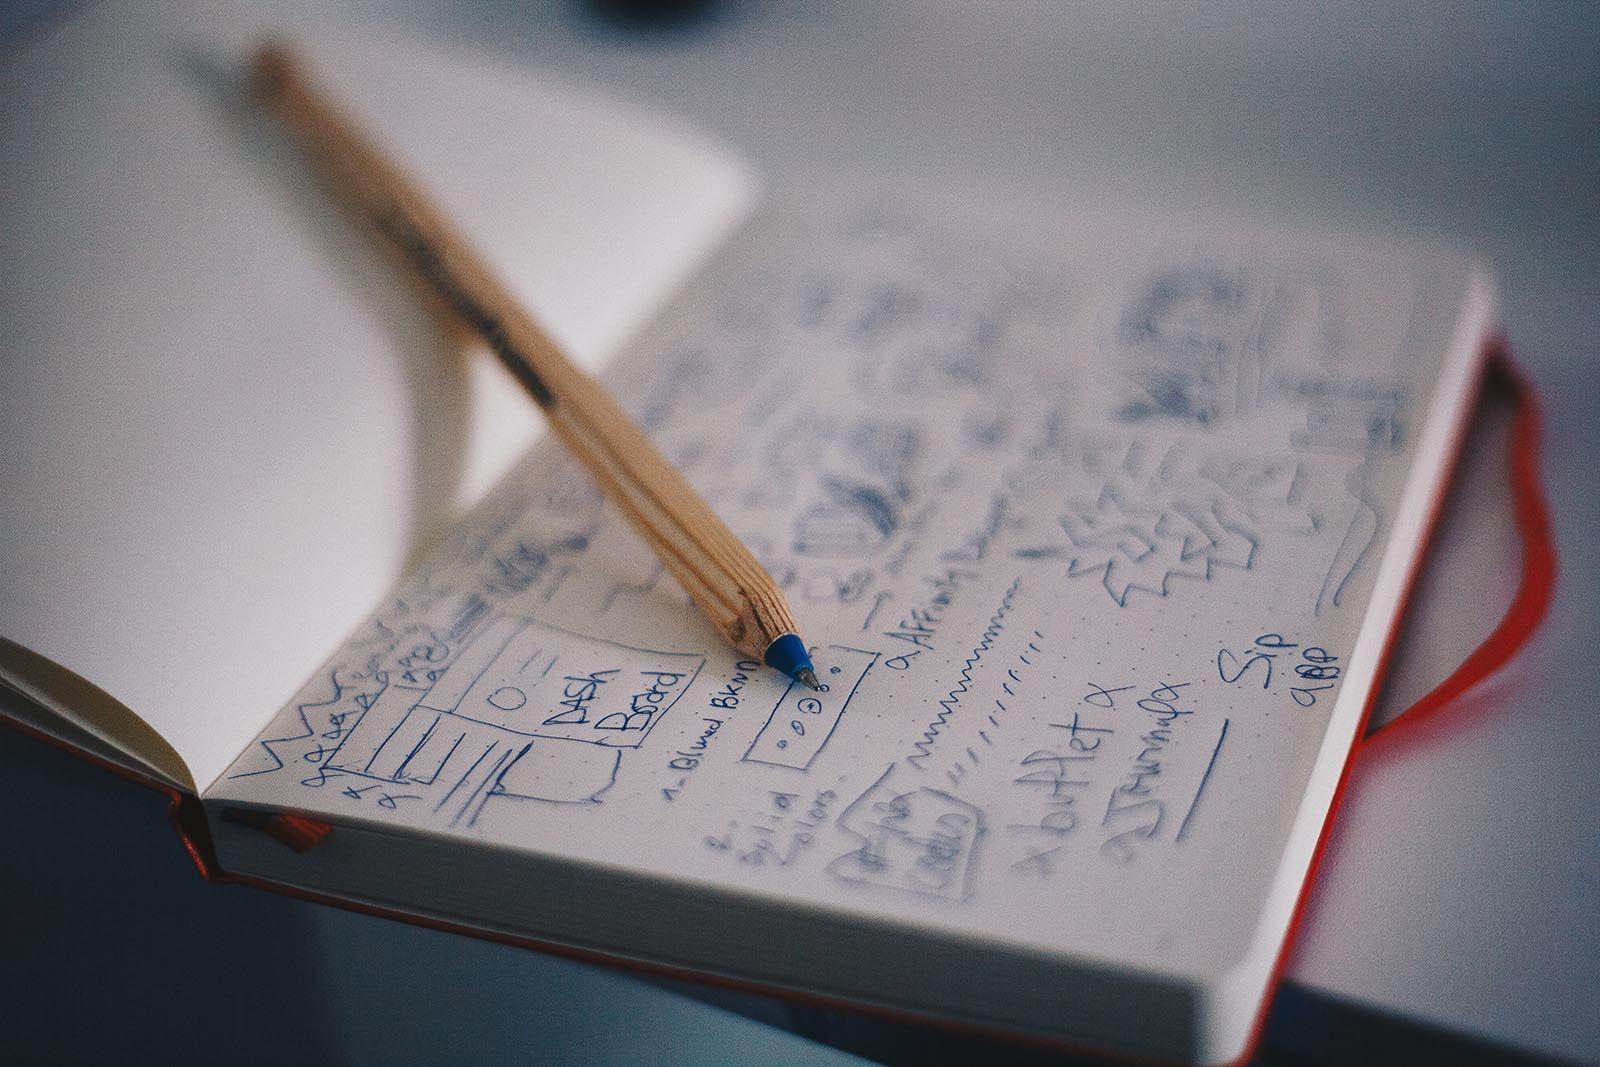 Senor escribiendo